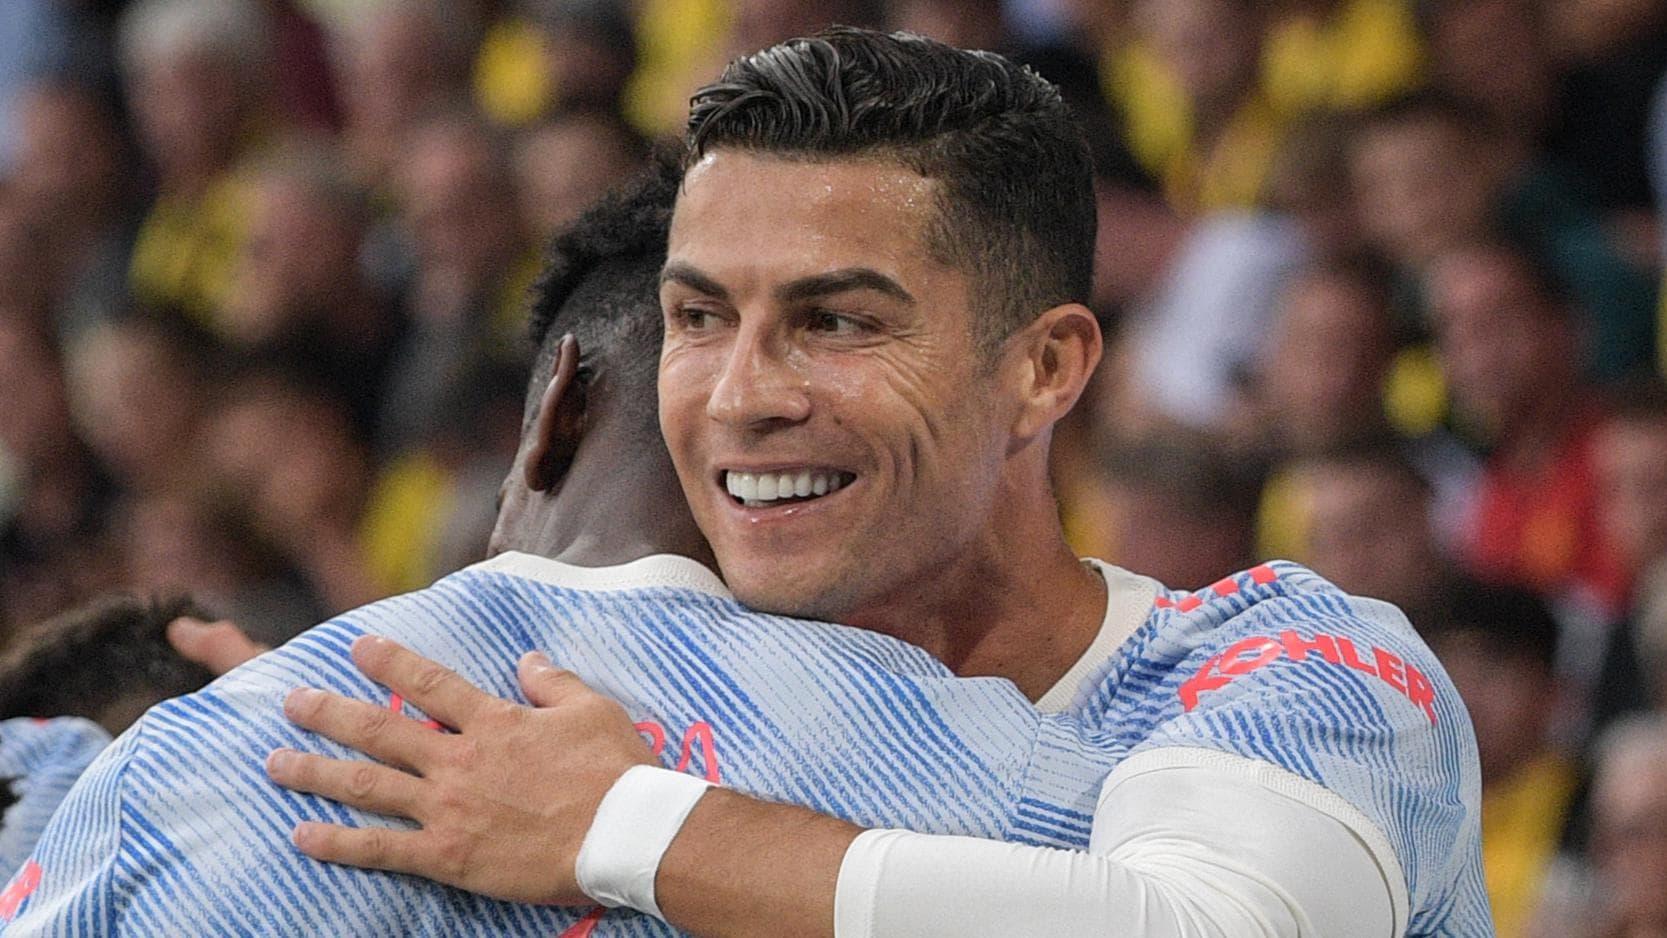 Cristiano Ronaldo busca el récord de más partidos en la historia de la Champions League | UEFA Champions League | UEFA.com